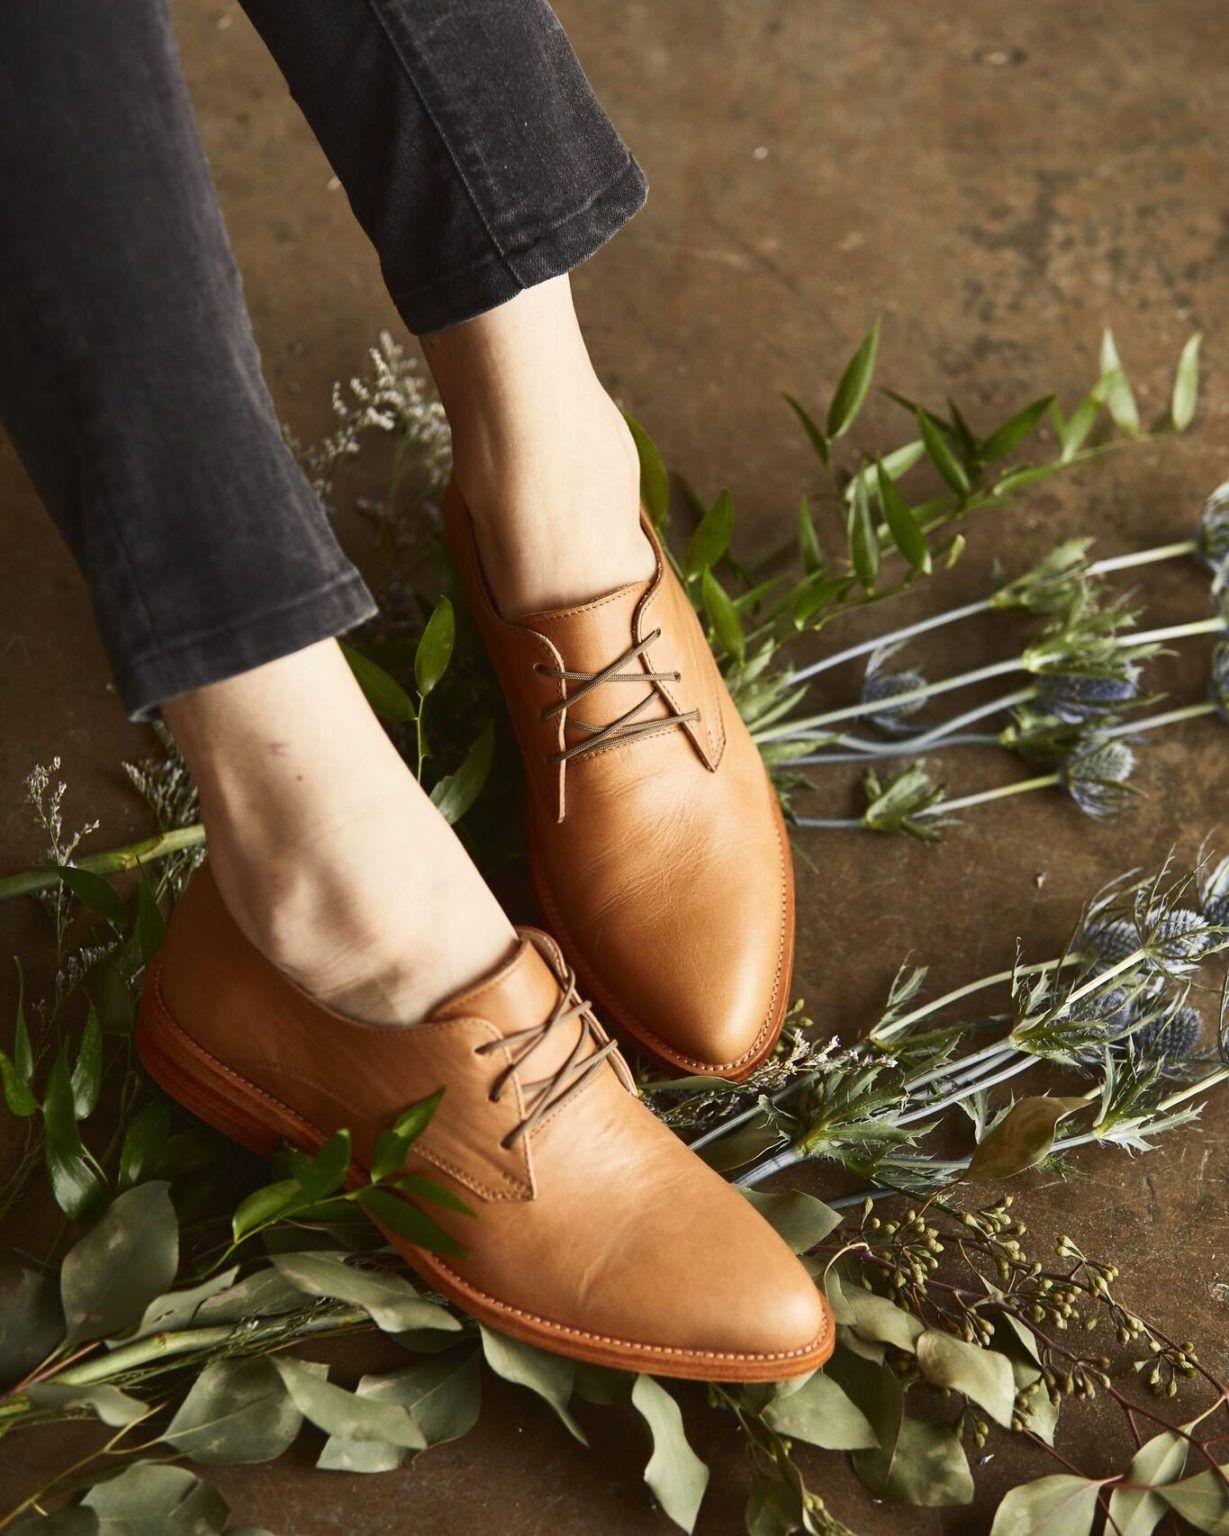 11 Zapatos Cómodos Y Perfectos Para Los Outfits De Oficina En 2021 Zapatos Oxford Mujer Zapatos Oxford Femeninos Zapatos